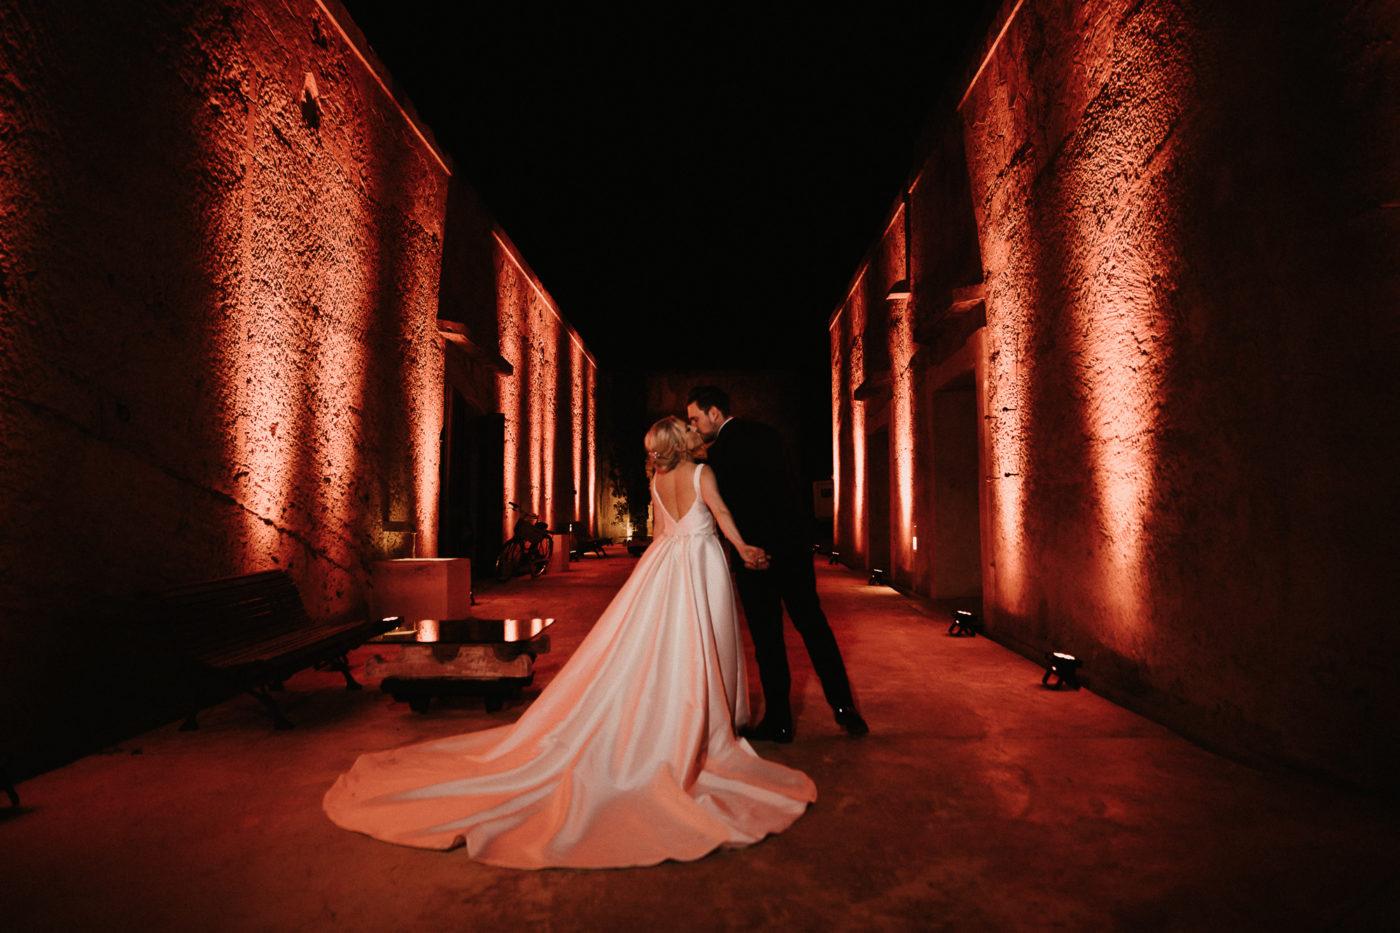 Das küssende Brautpaar zwischen den spektakulär ausgeleuchteten Mauern der Hochzeitslocation Cap Rocat